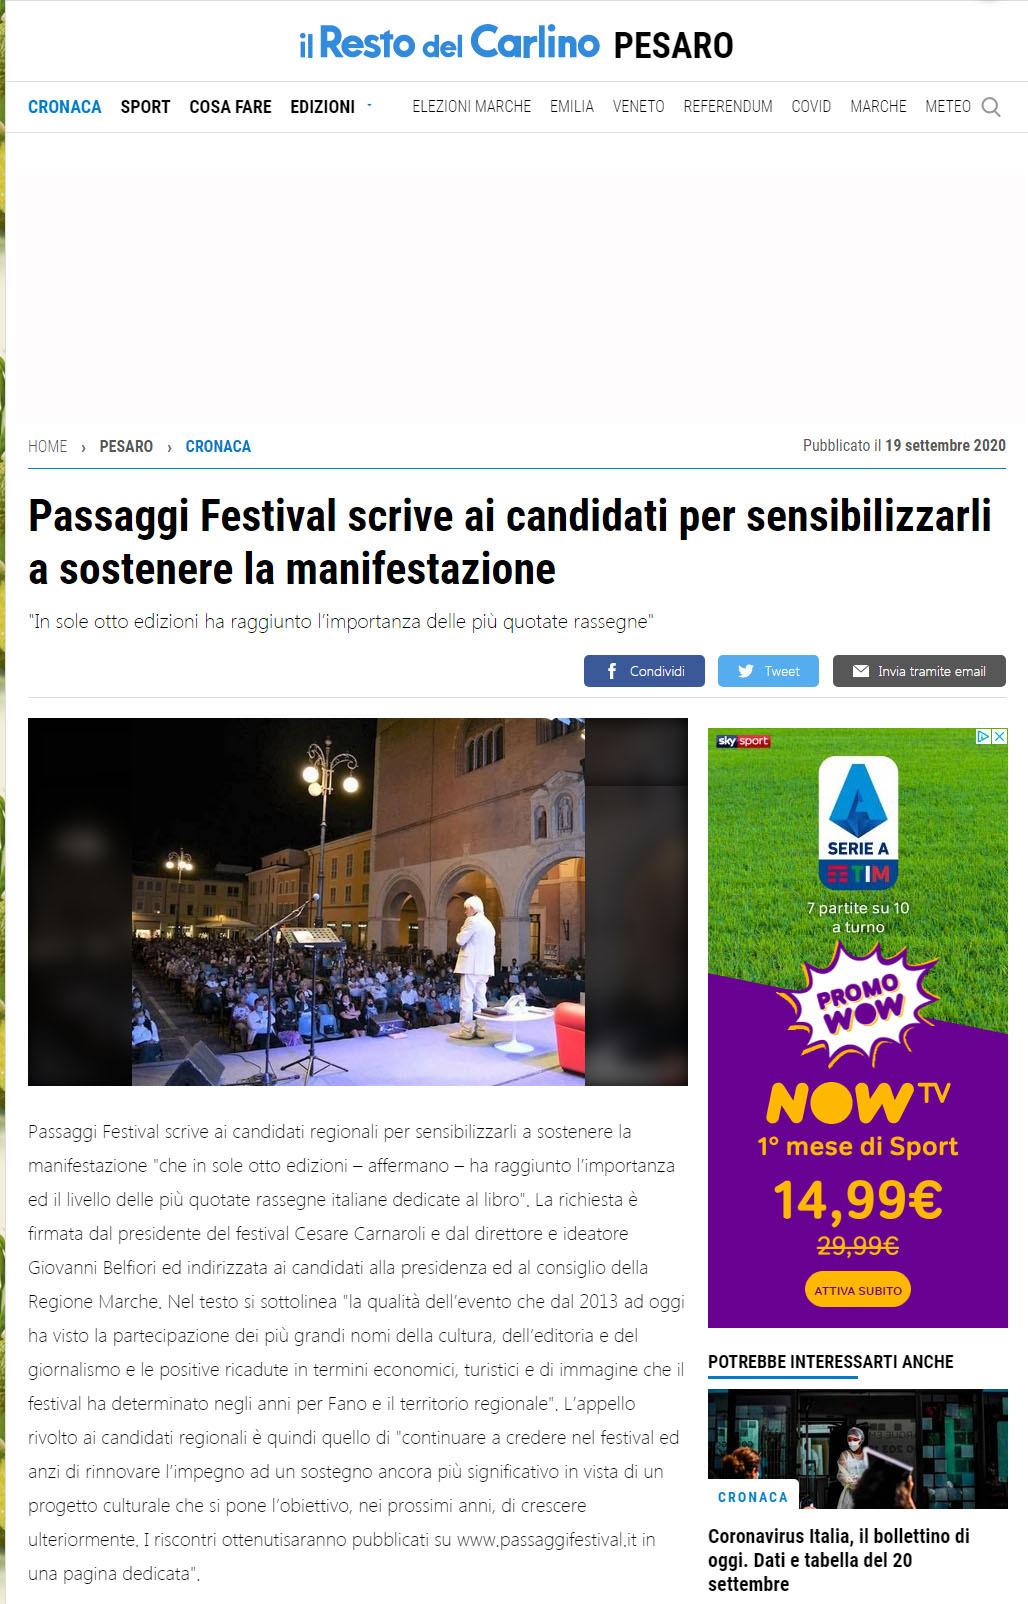 _ilrestodelcarlino-it-passaggi-festival-scrive-ai-candidati-per-sensibilizzarli-a-sostenere-la-manifestazione